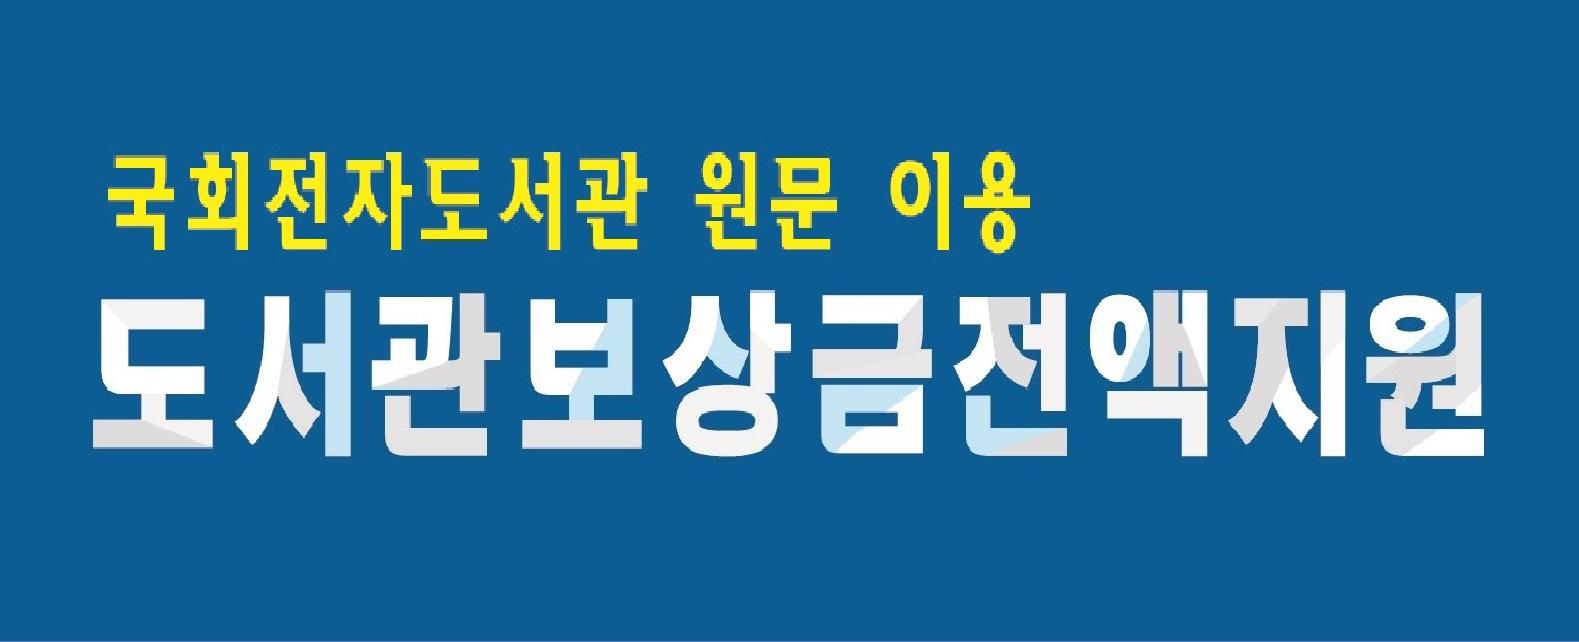 국회전자도서관 원문 이용 도서관 보상금 전액 지원